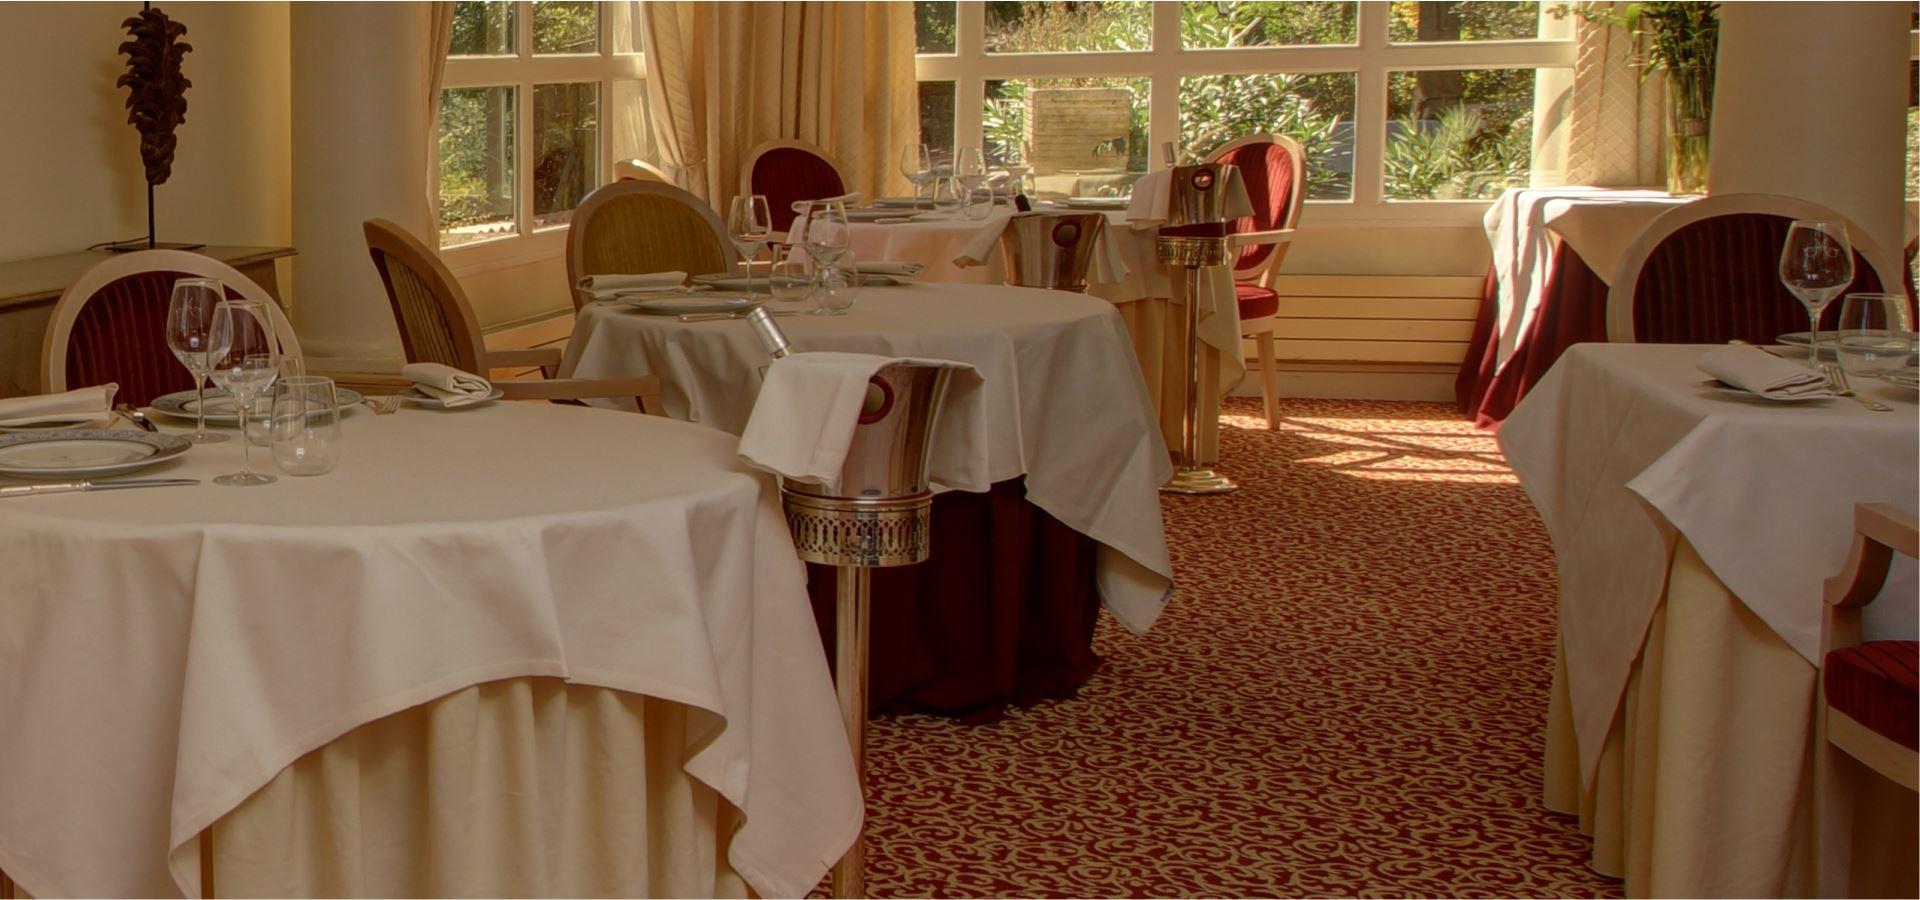 Salle à manger du Najeti restaurant le Mûrier de Villeneuve-lez-Avignon.